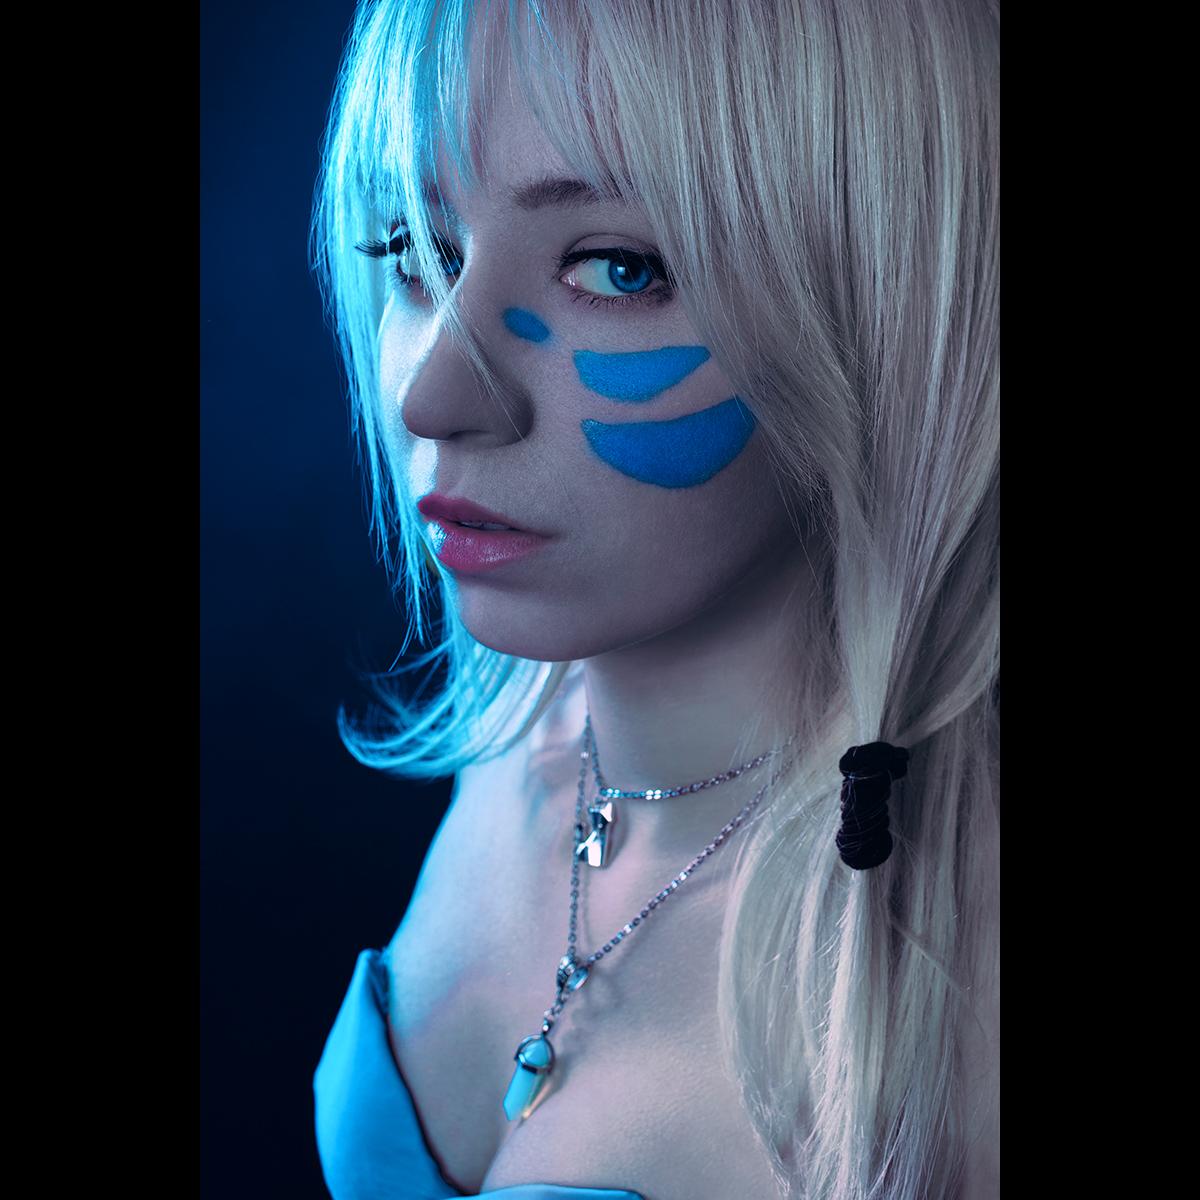 Łukasz Liszko - fotografia cosplay - Natalia Nowicka - Kida